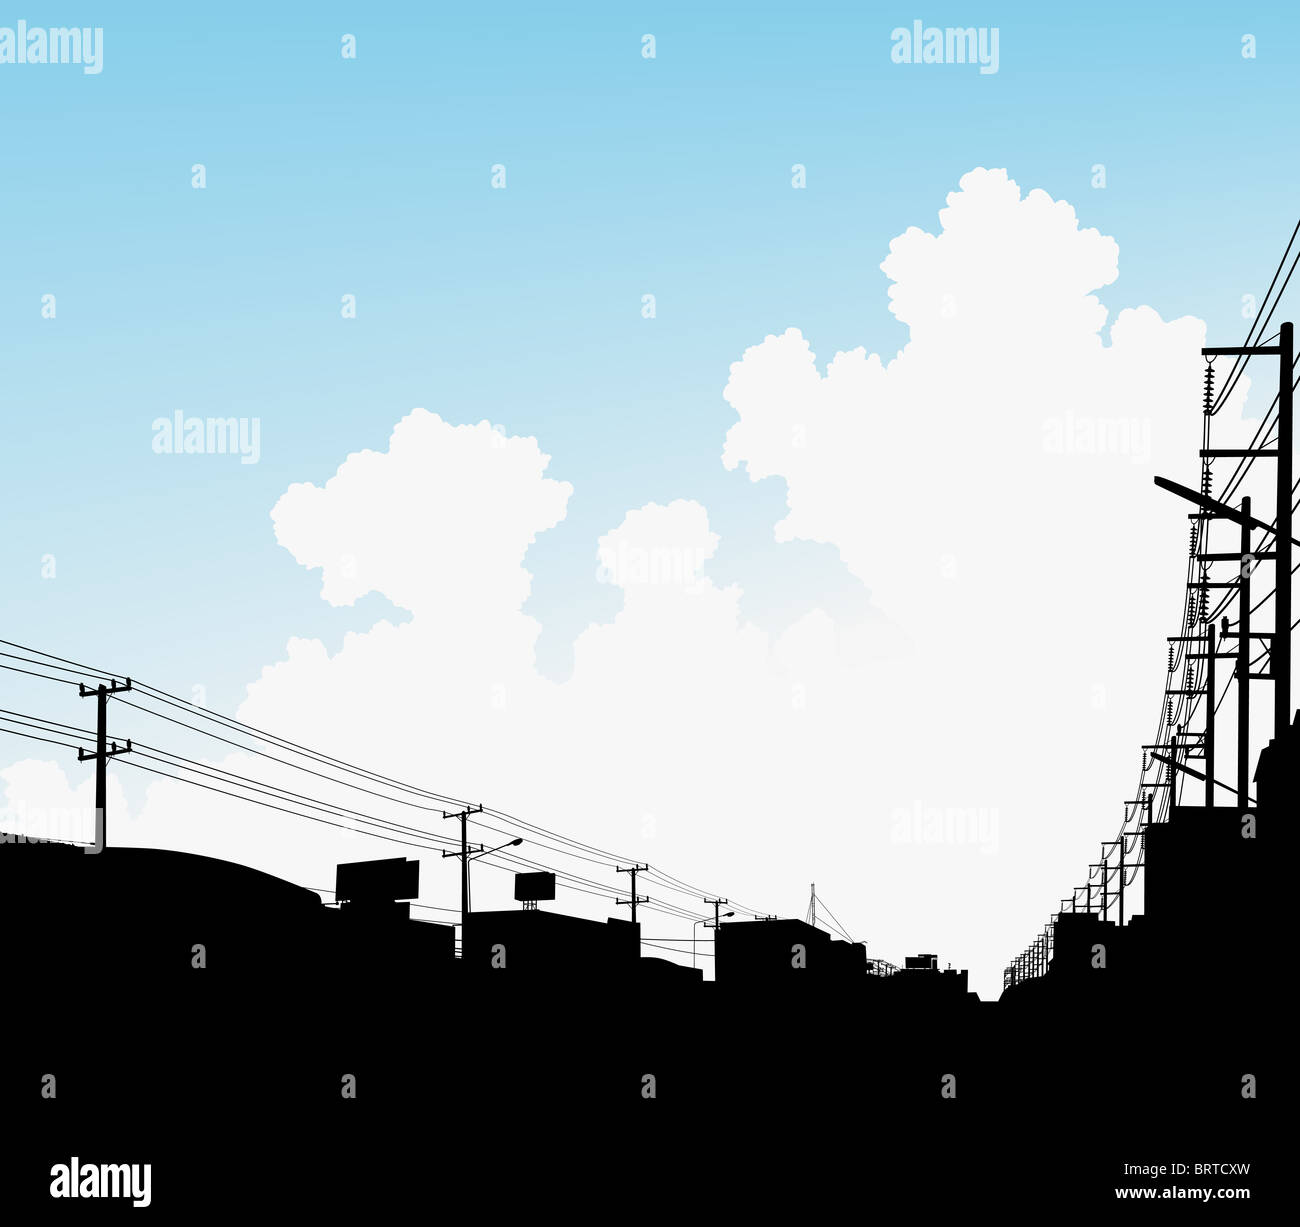 Ilustración de nubes sobre una ciudad con espacio de copia Imagen De Stock